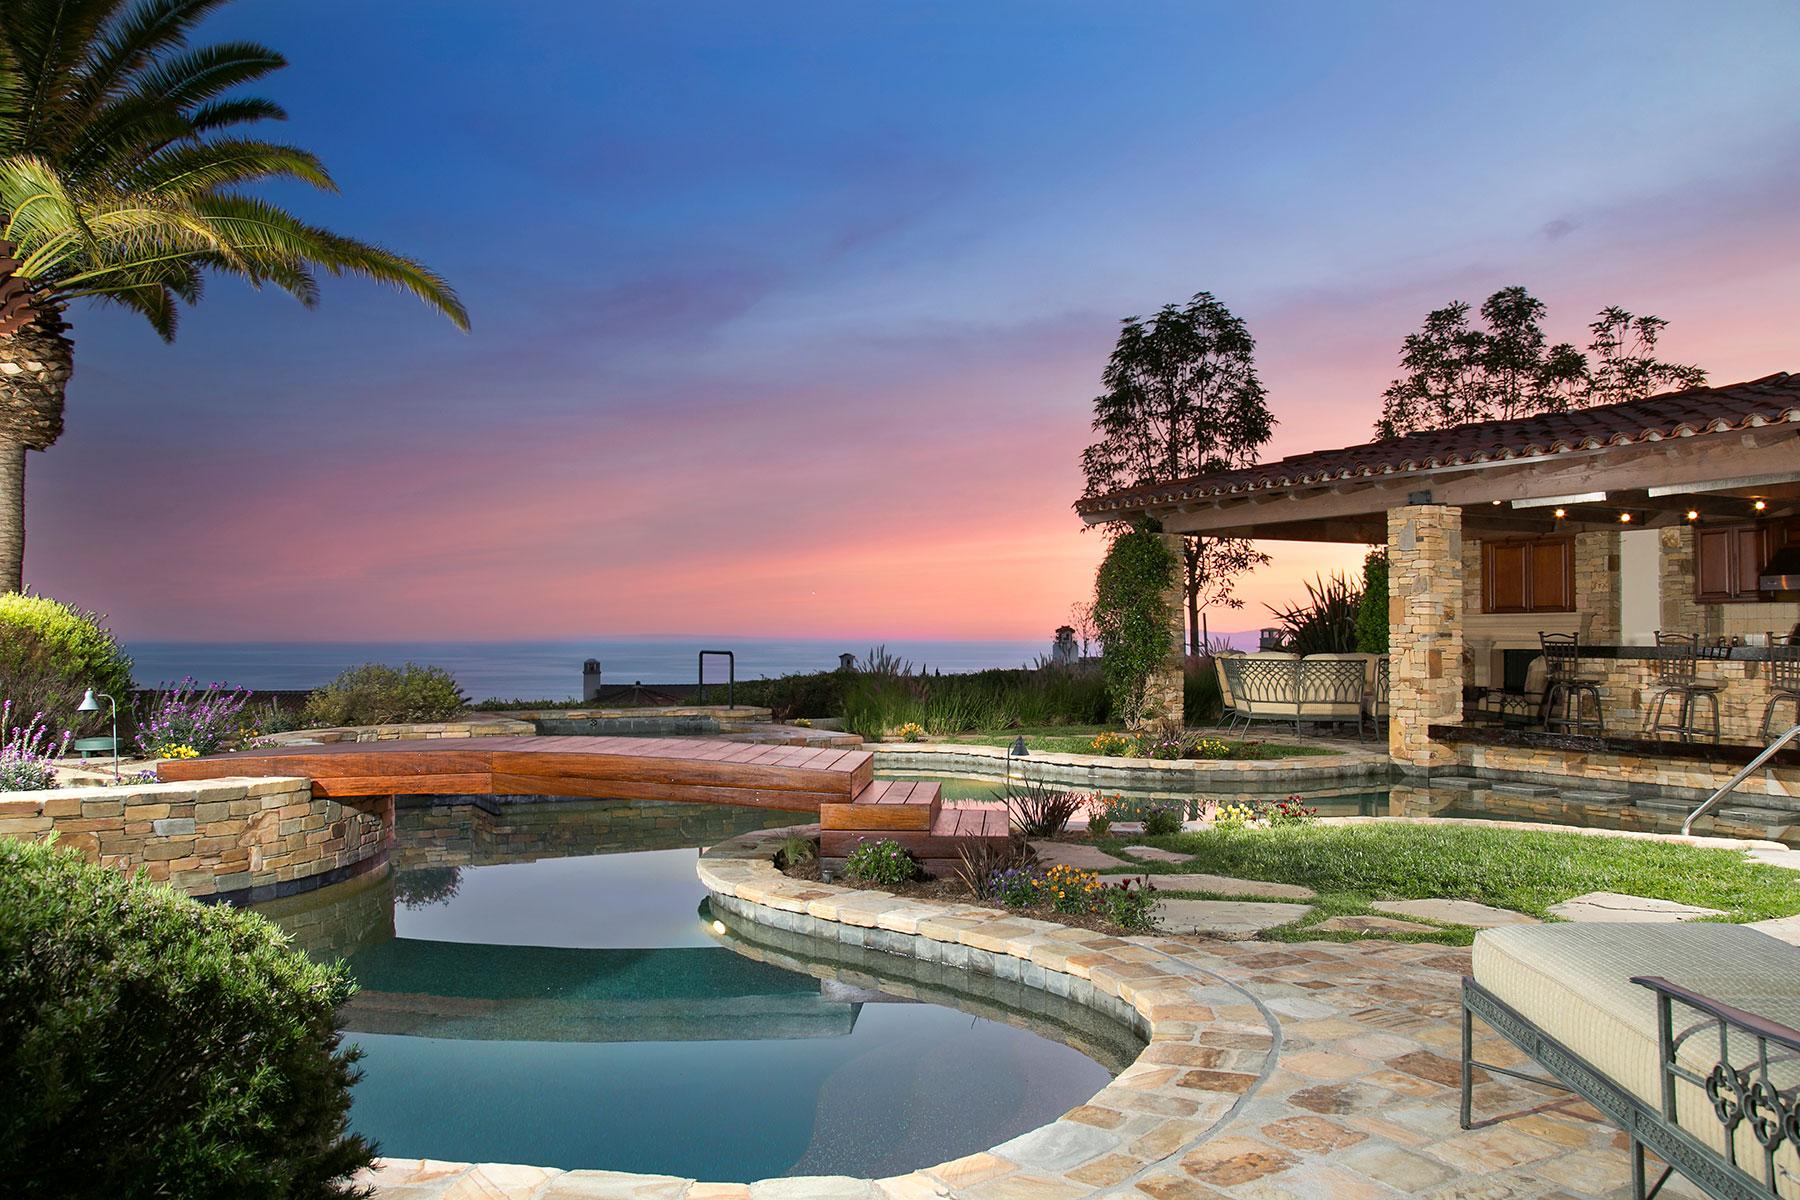 独户住宅 为 出租 在 20 Whalers Bluff 纽波特比奇, 加利福尼亚州, 92657 美国